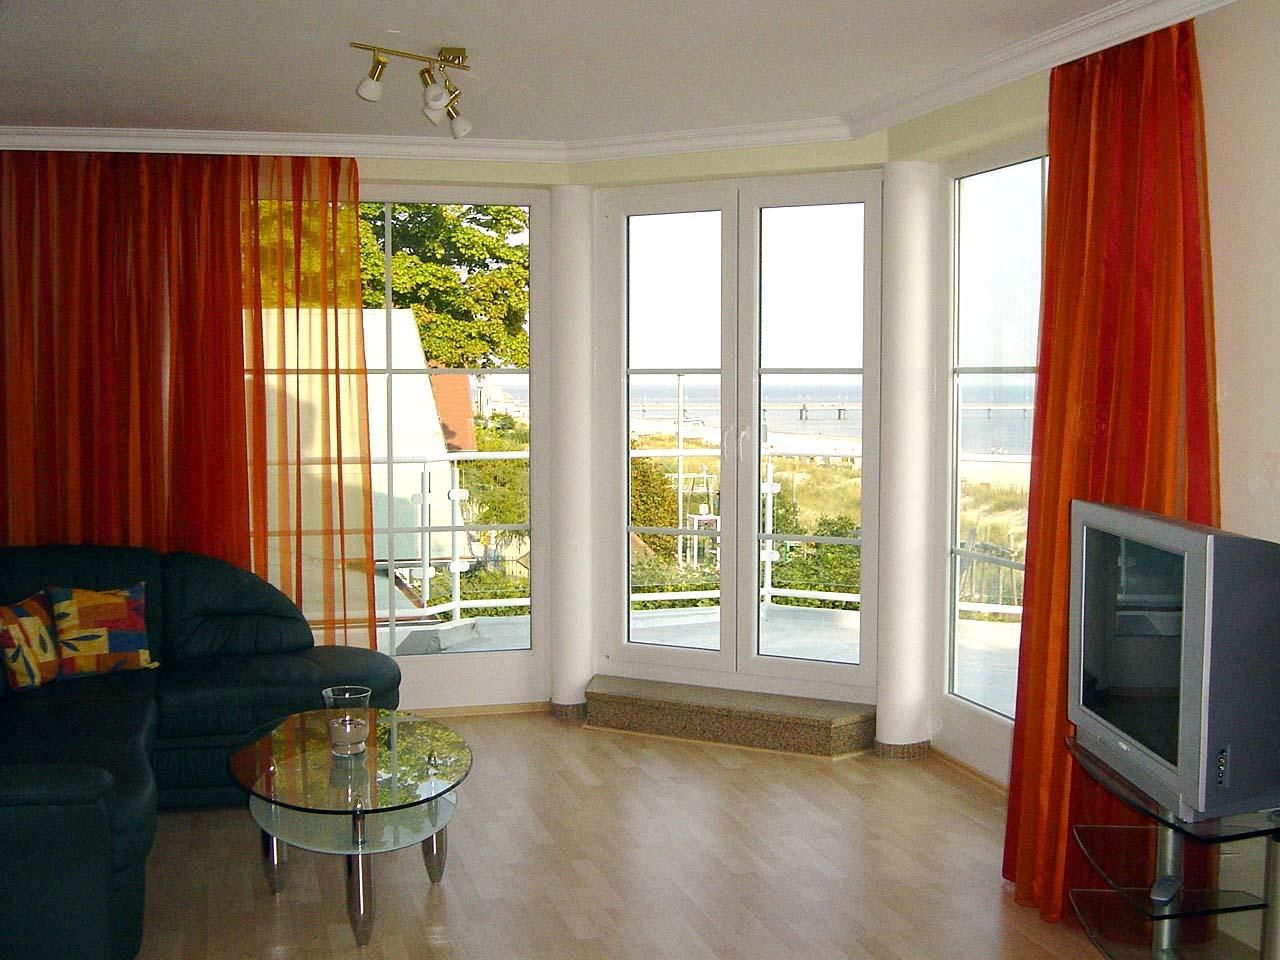 vorh nge f r wohnzimmer. Black Bedroom Furniture Sets. Home Design Ideas